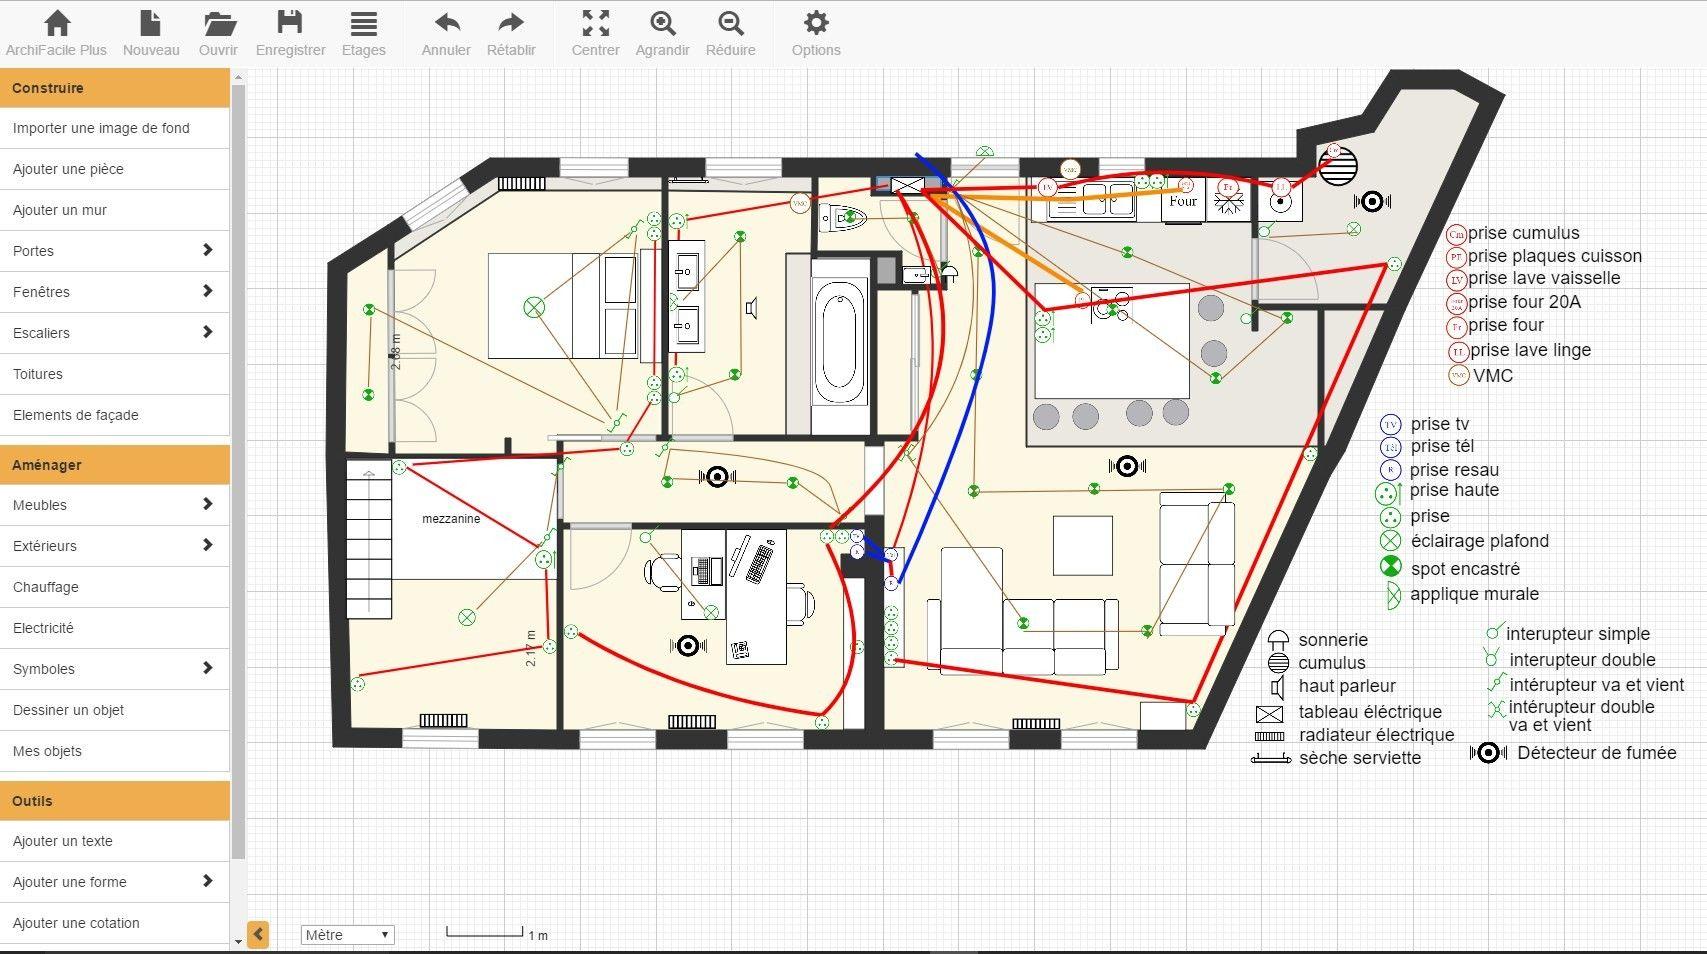 Epingle Par Samoud Sur Eelec Plan Electrique Maison Plan Electrique Schema Electrique Maison